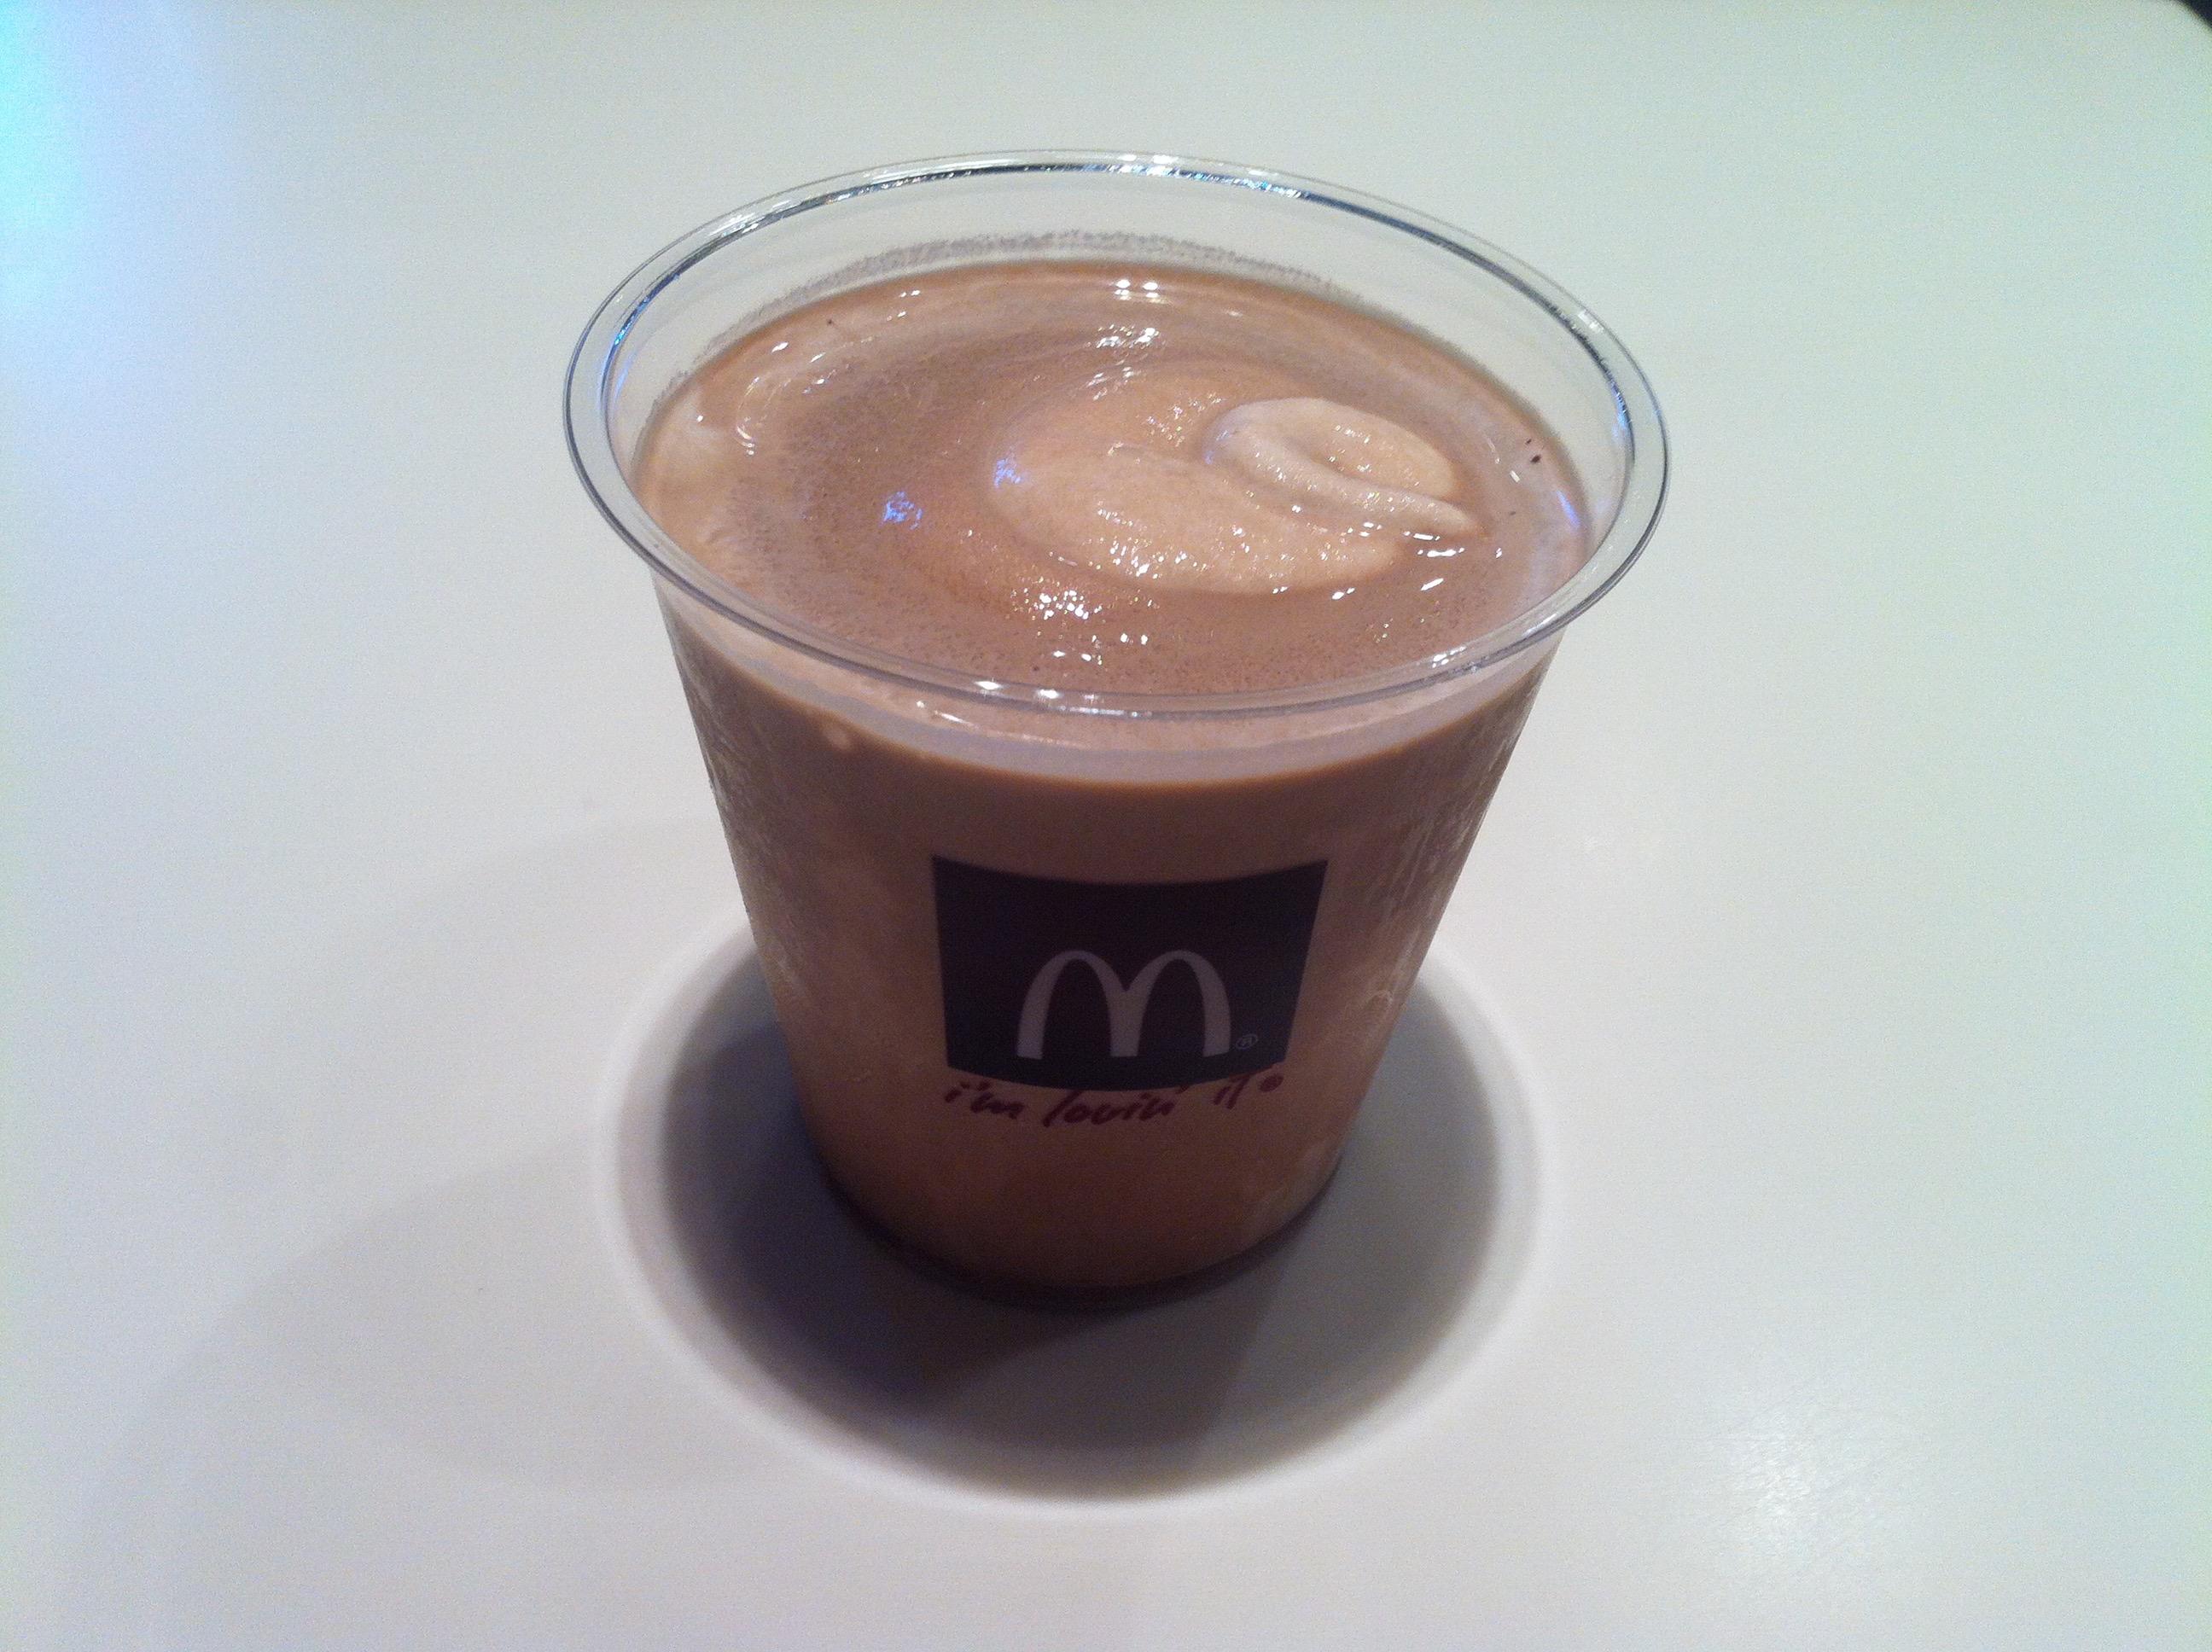 Сколько калорий в молочном коктейле из макдональдса